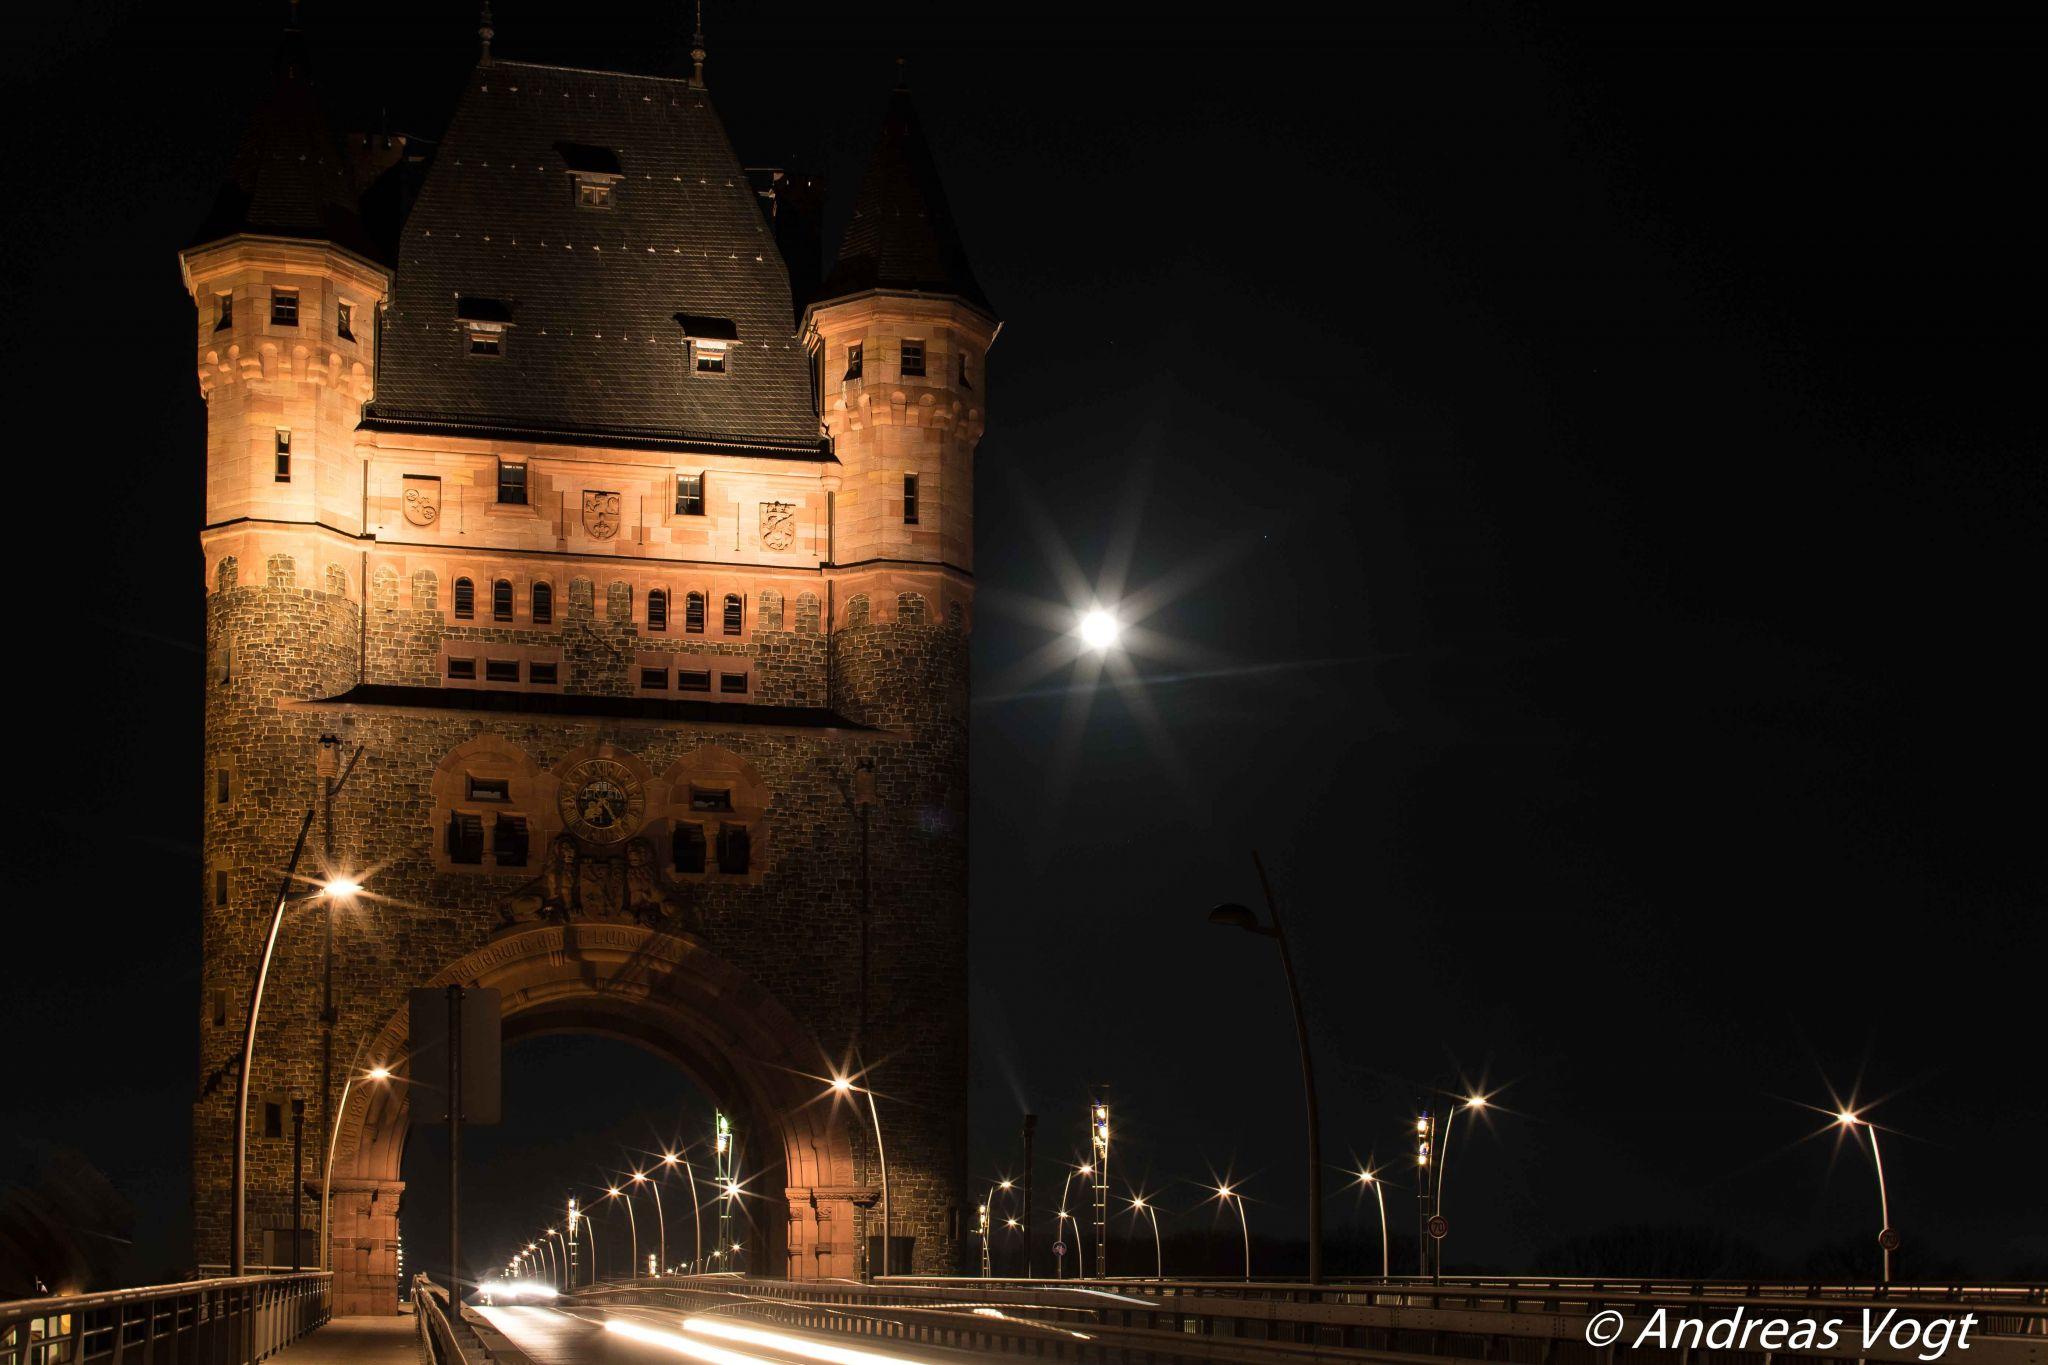 Worms Nibelungenturm, Germany